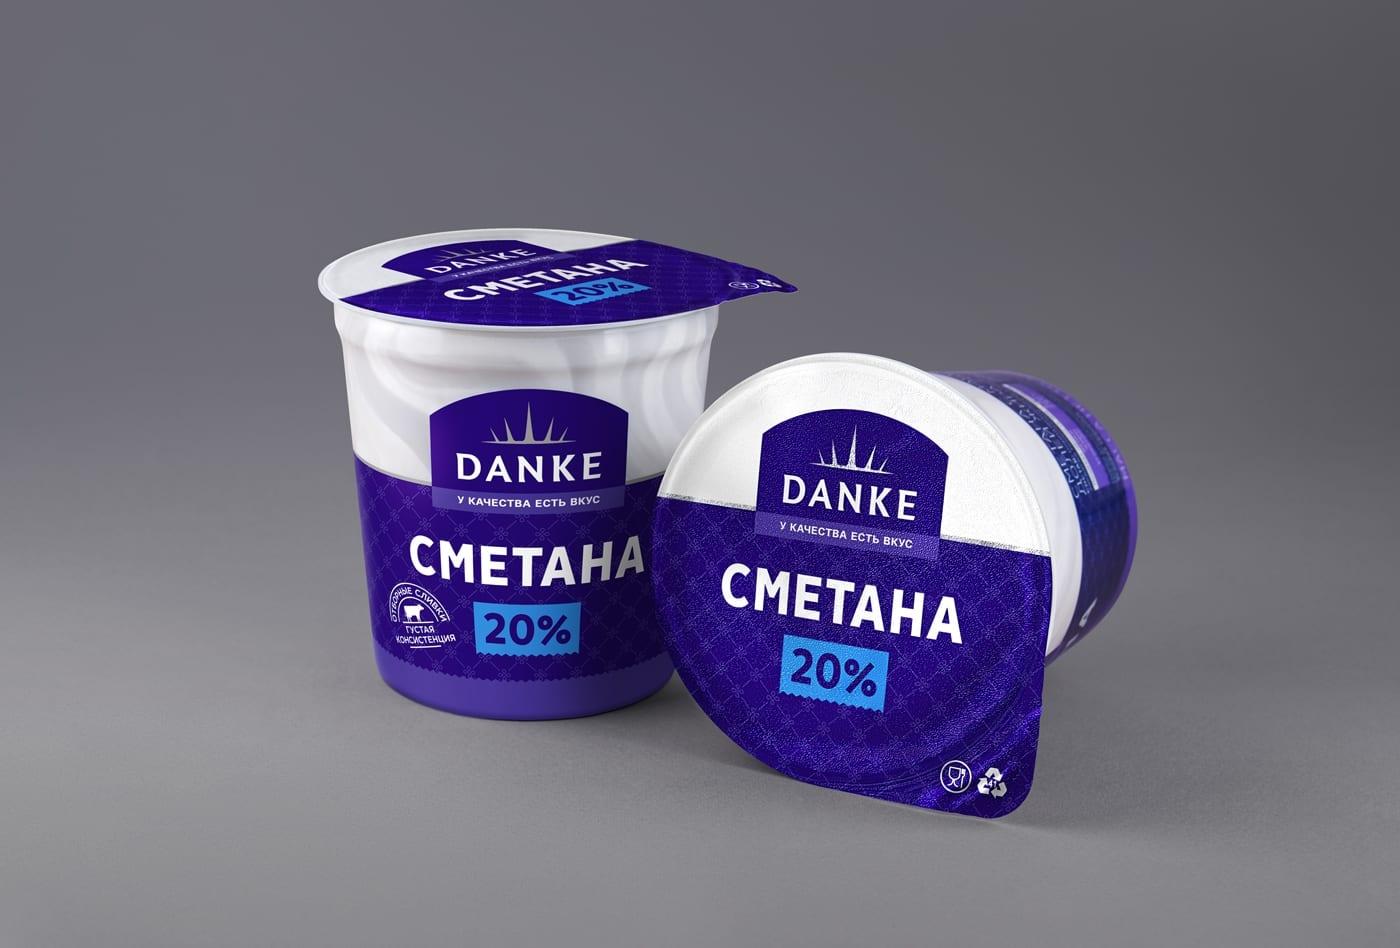 DANKE 1 - Ach, tie obaly – Danke Dairy mléčné výrobky